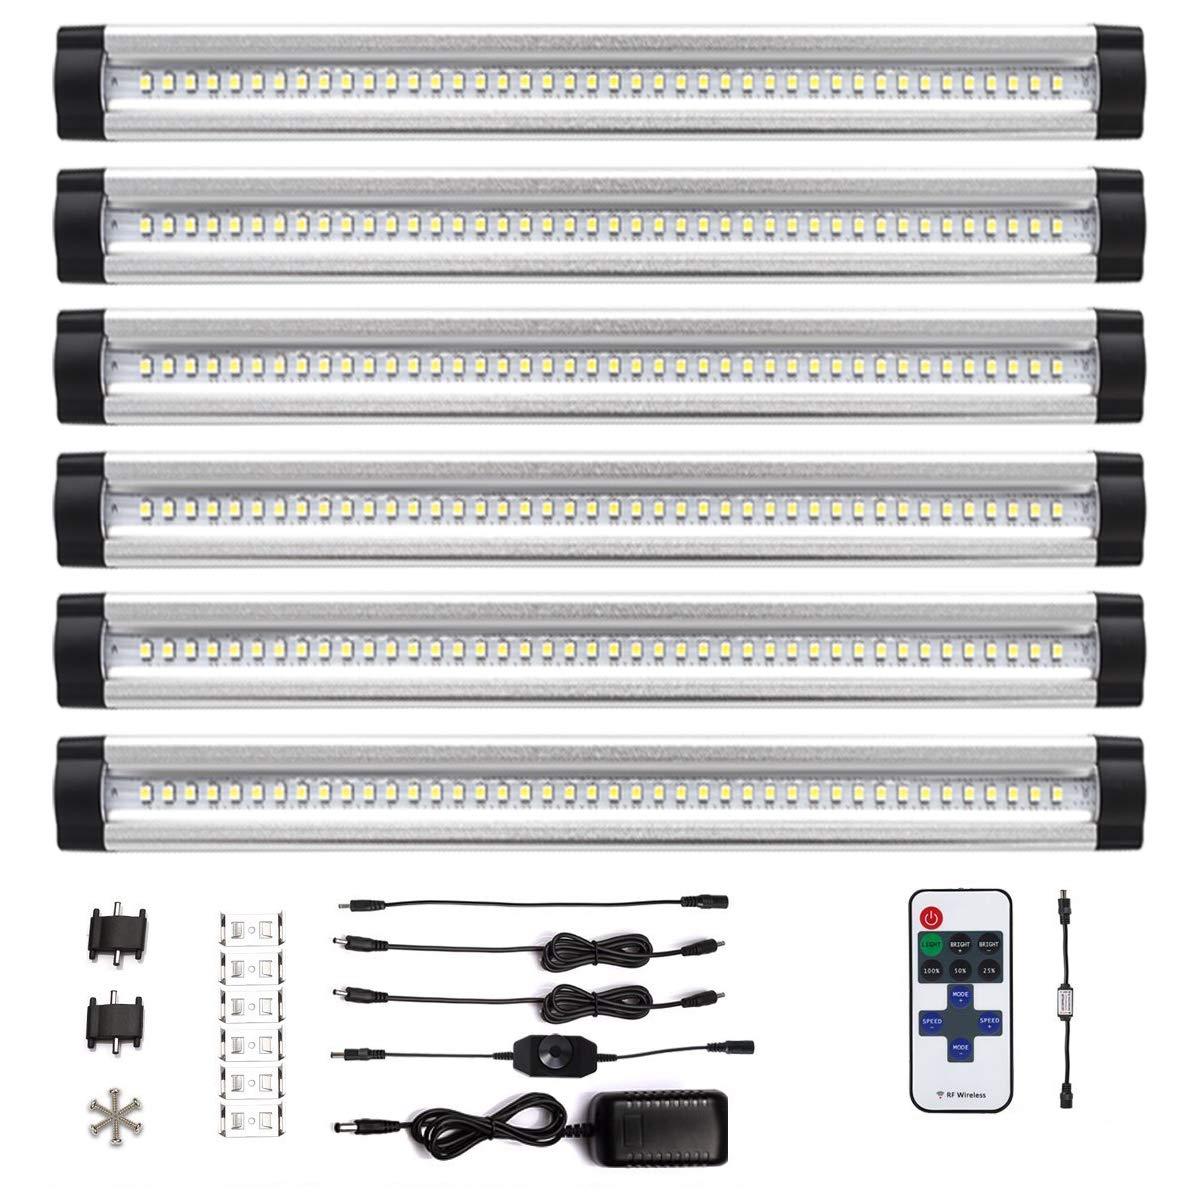 TYGREEN LED Unterbauleuchte Schrankleuchte LED Schrankbeleuchtung mit Stecker, Dimmbar unter unter unter Theke Licht für Küchenarbeitsplatte, Schrank, Regalbeleuchtung, 18W 1100 Lumen, 3500K, 6 Stück a200d7